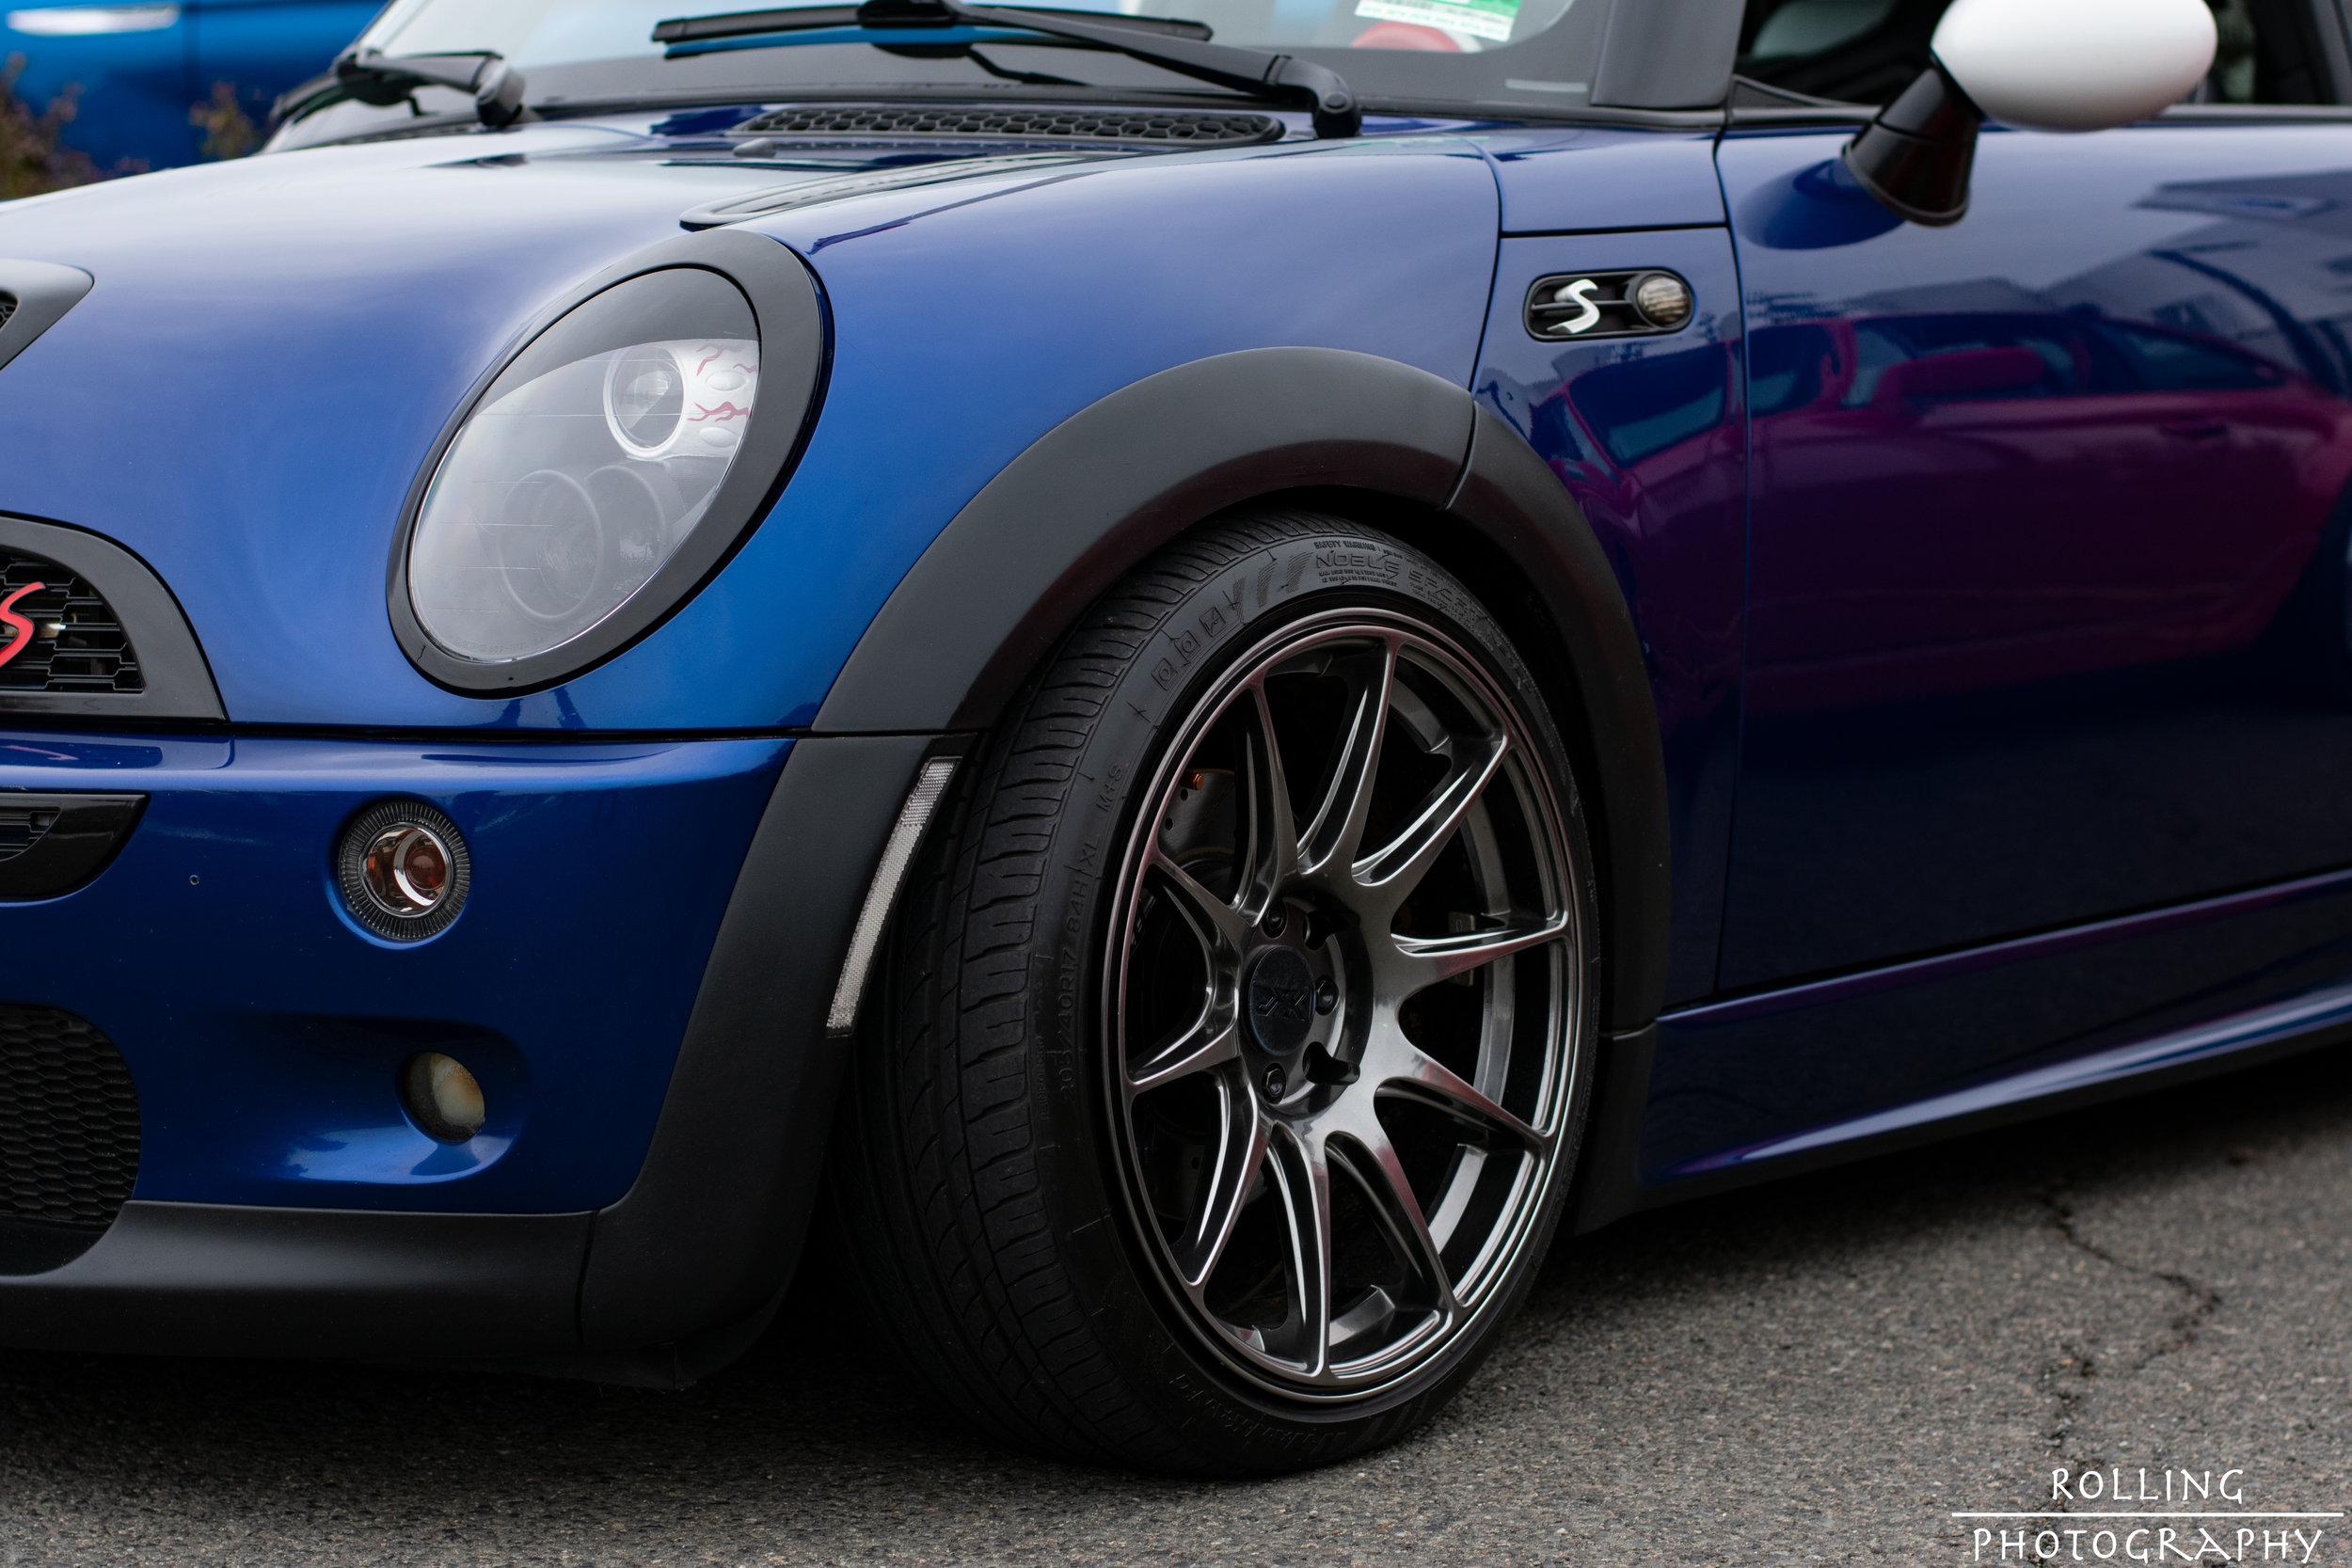 Euro_Kult Blue Mini.jpg